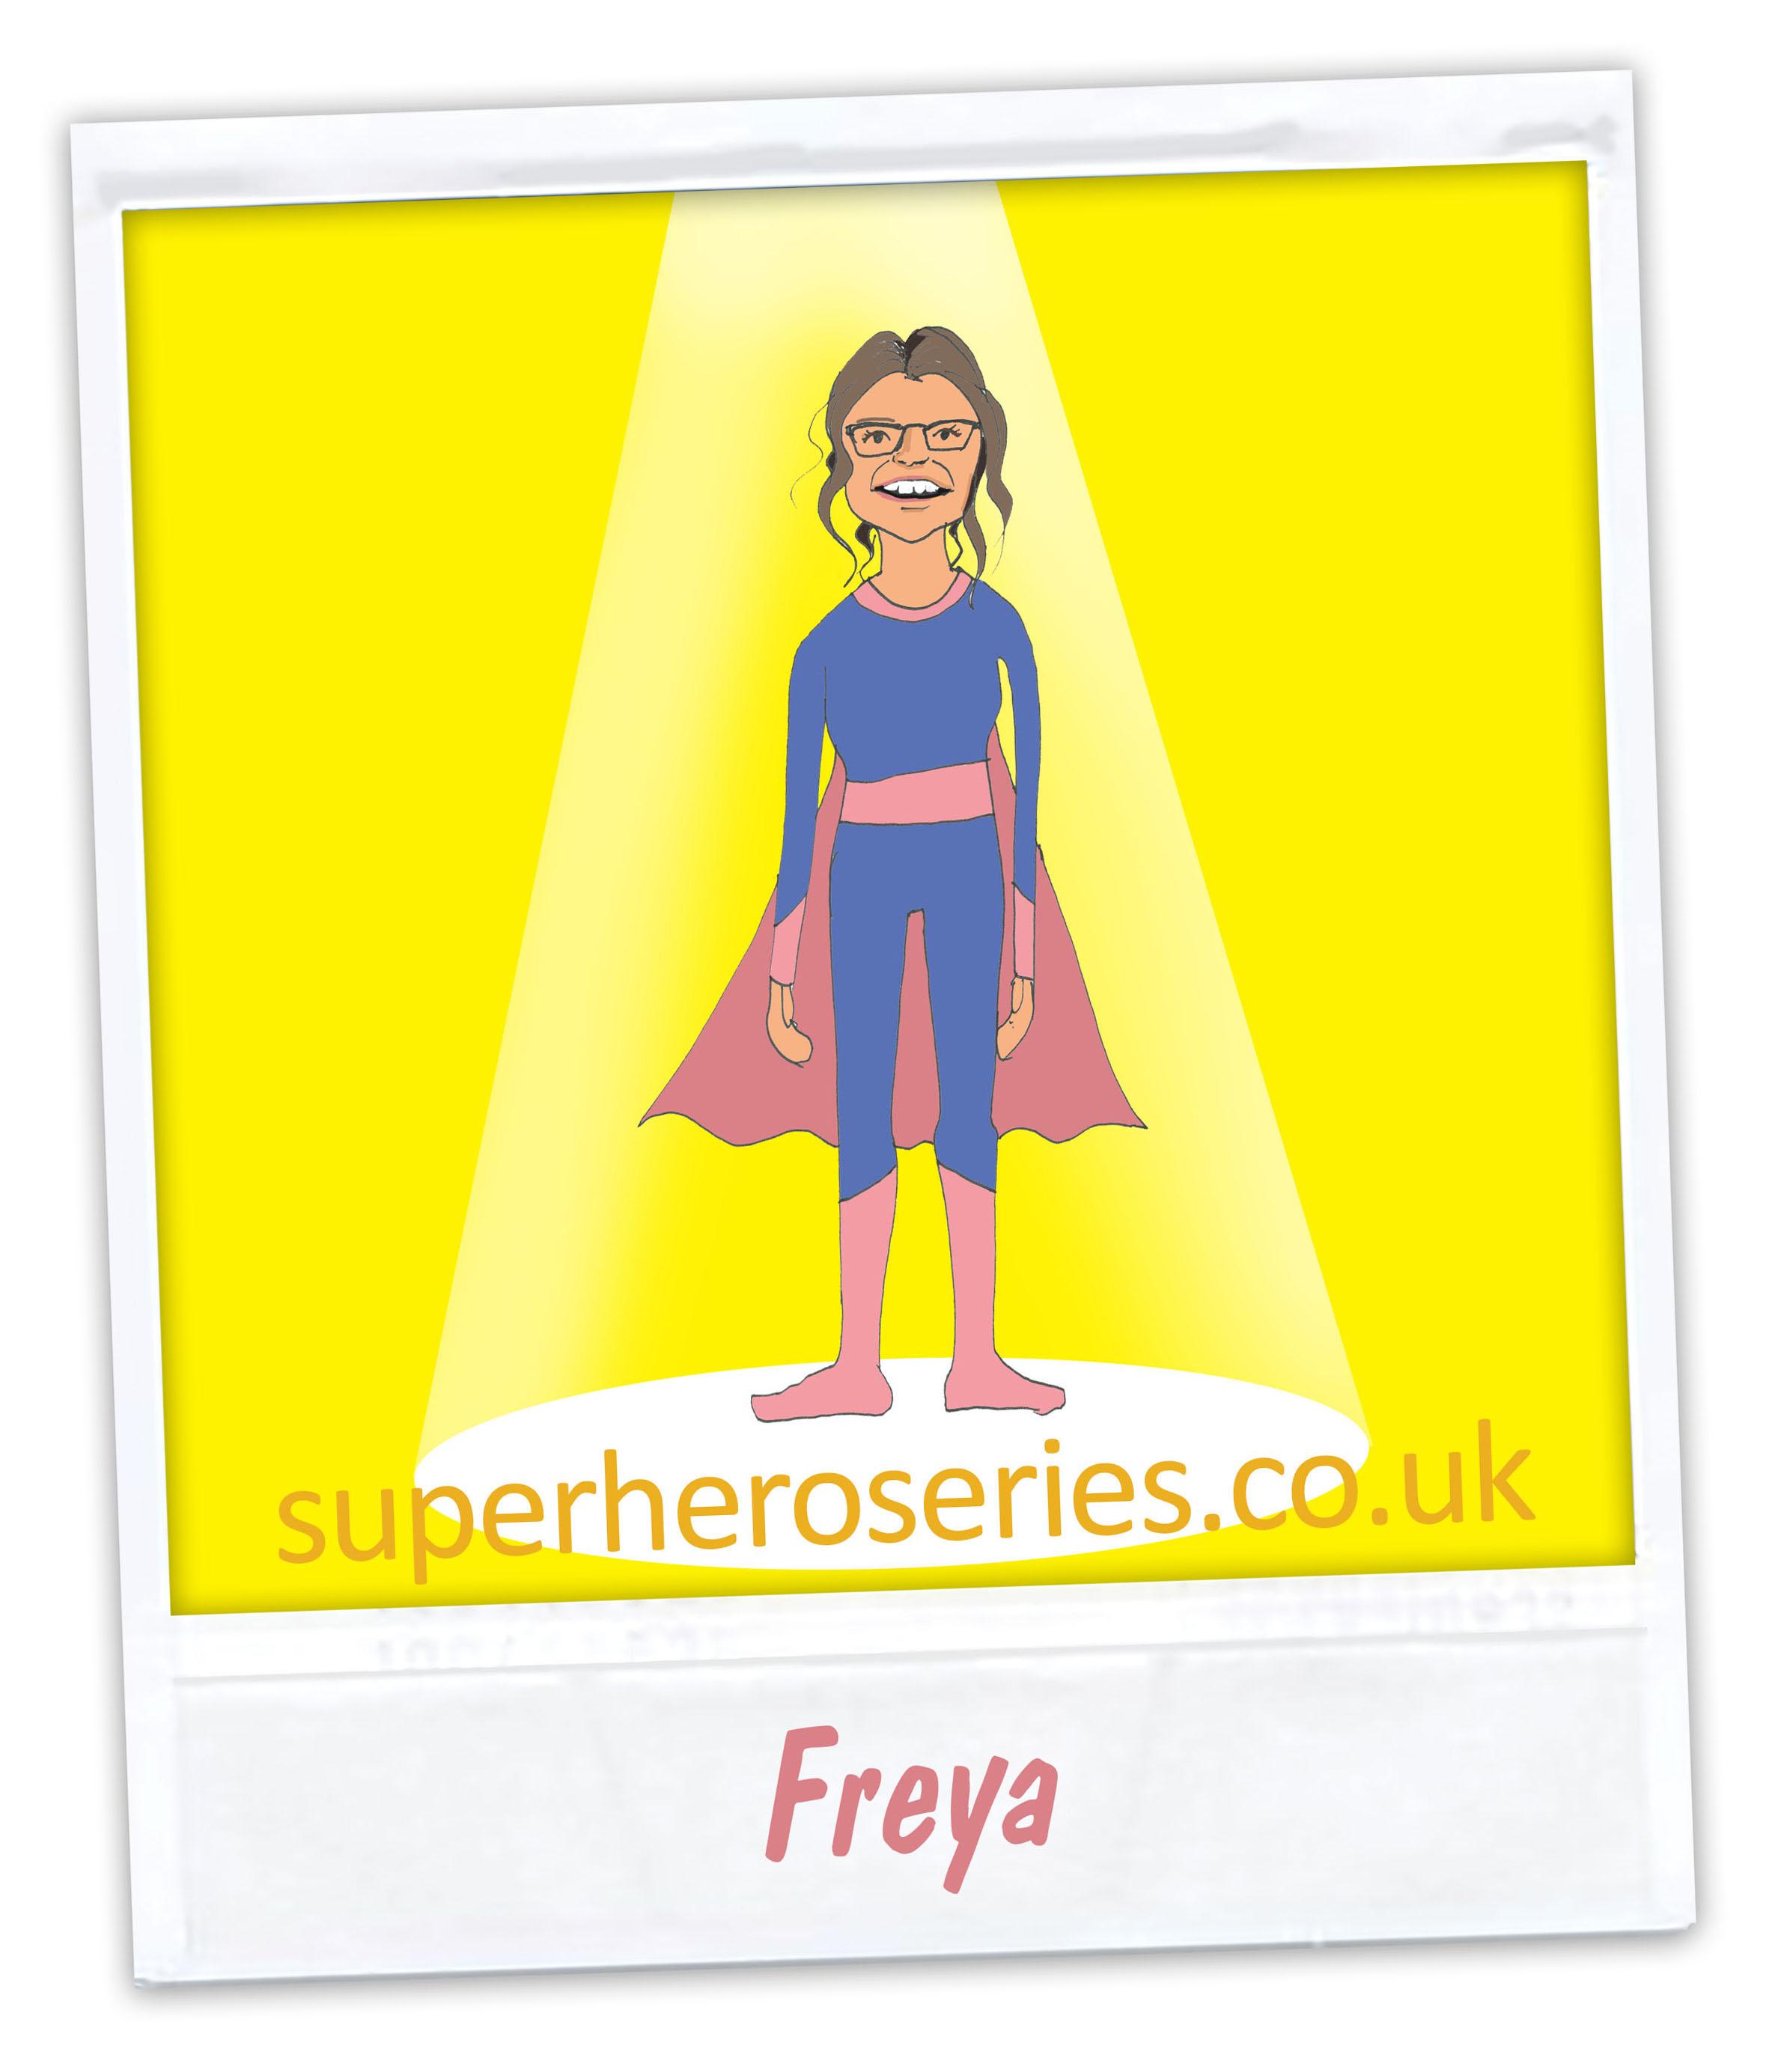 EDSH Freya a.jpg